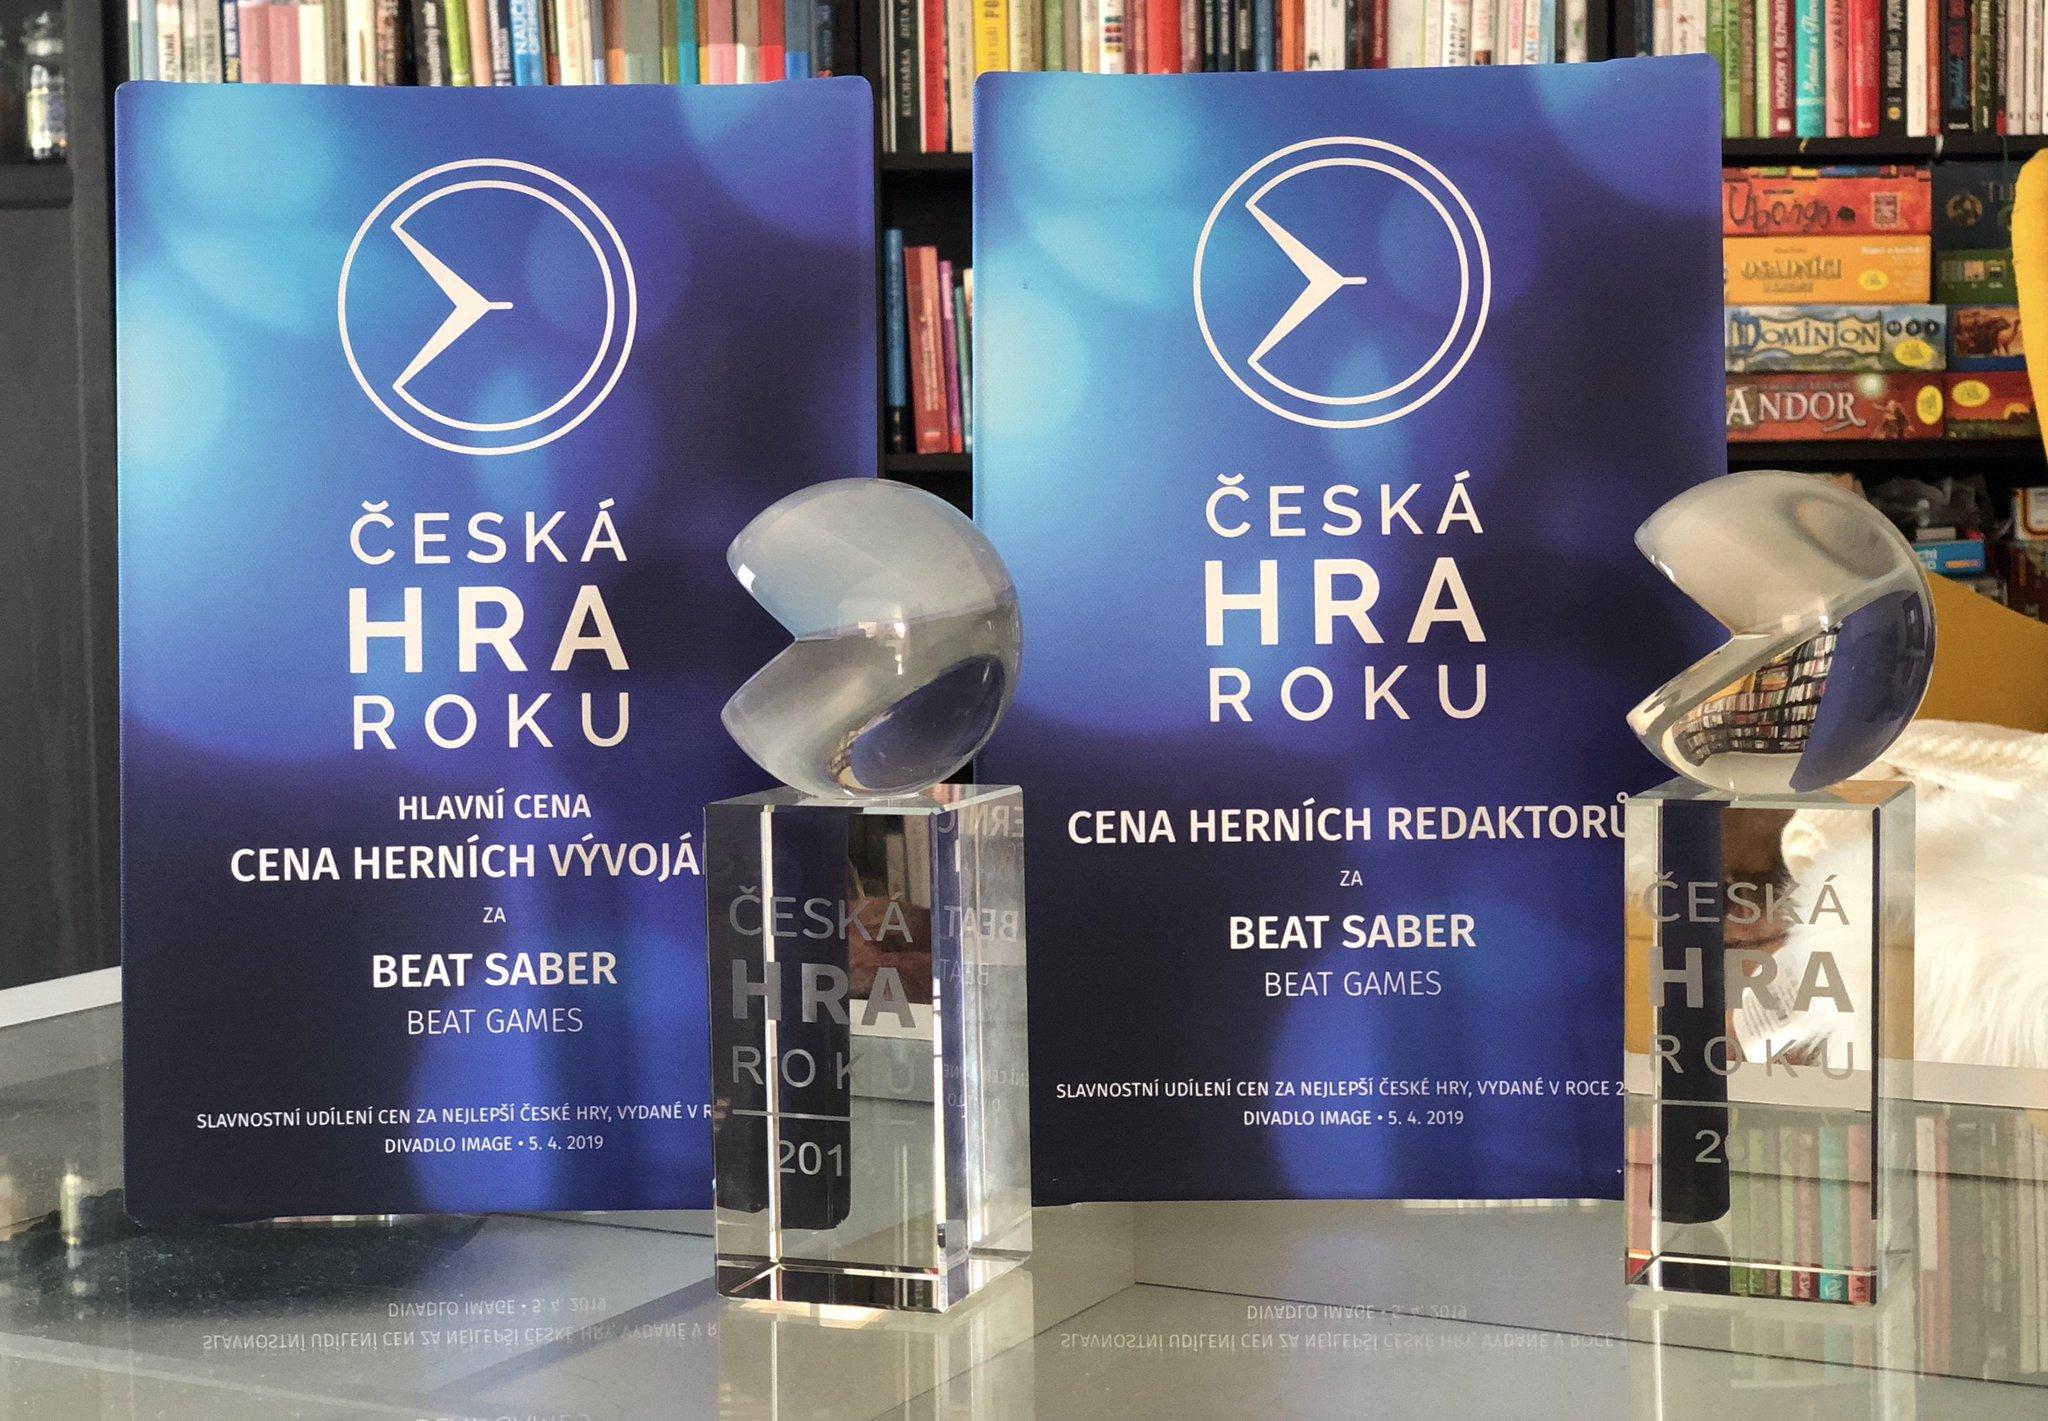 Dvě ocenění pro Beat Saber (Beat Games) v anketě Česká hra roku za rok 2018